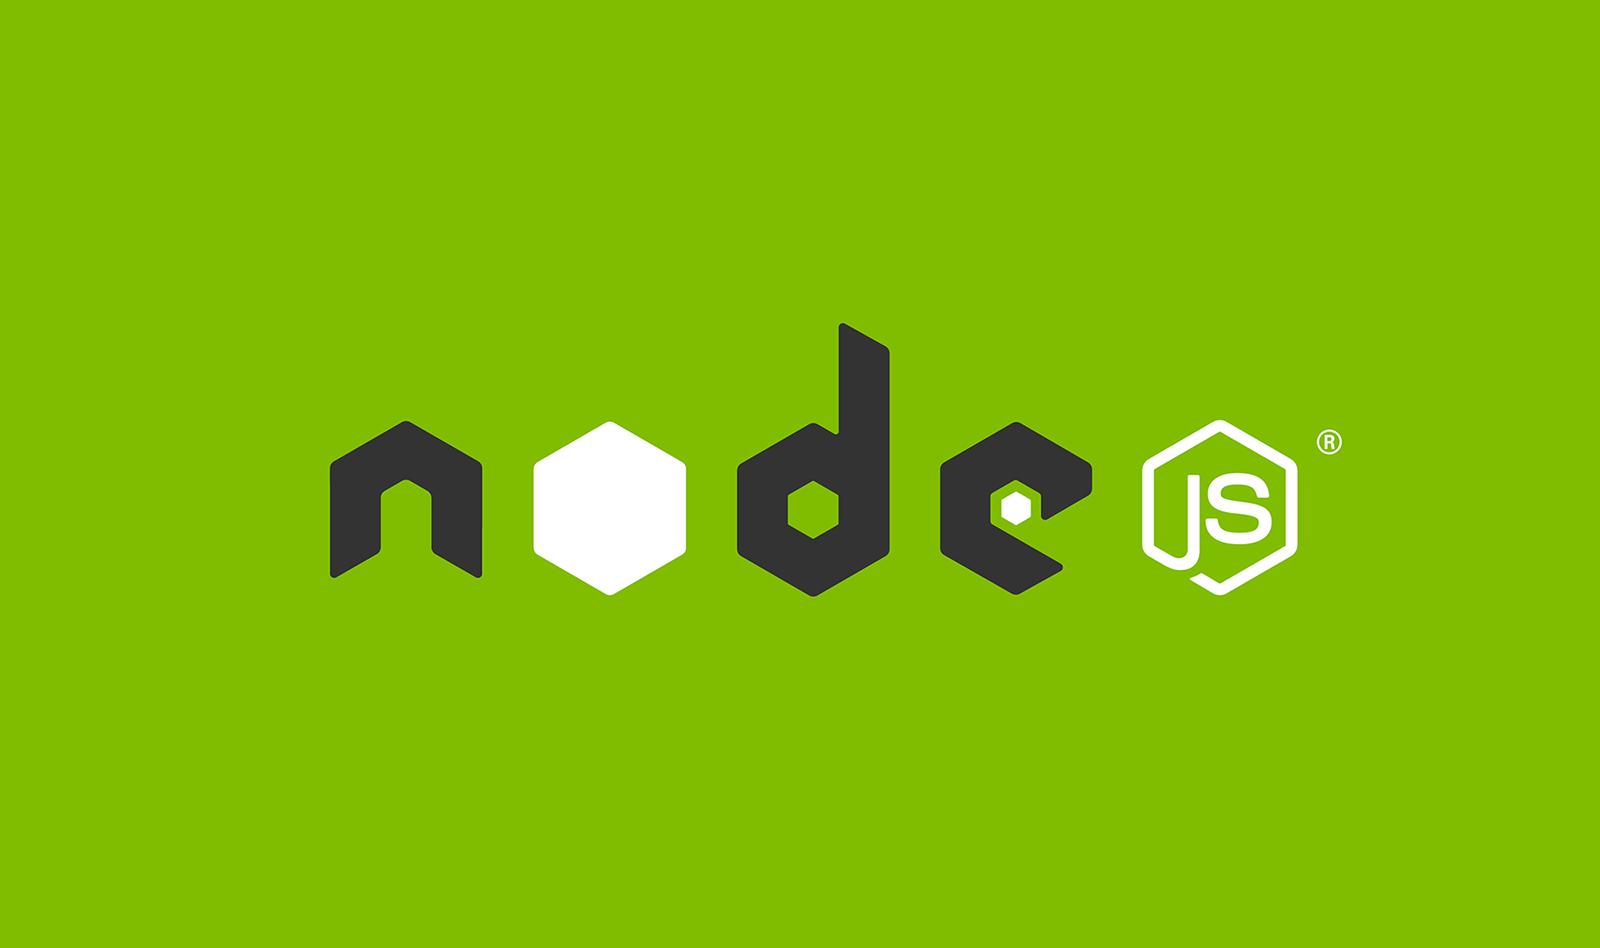 빠르게 배우는 Node.js와 NPM 설치부터 개념잡기 - Dev. DY